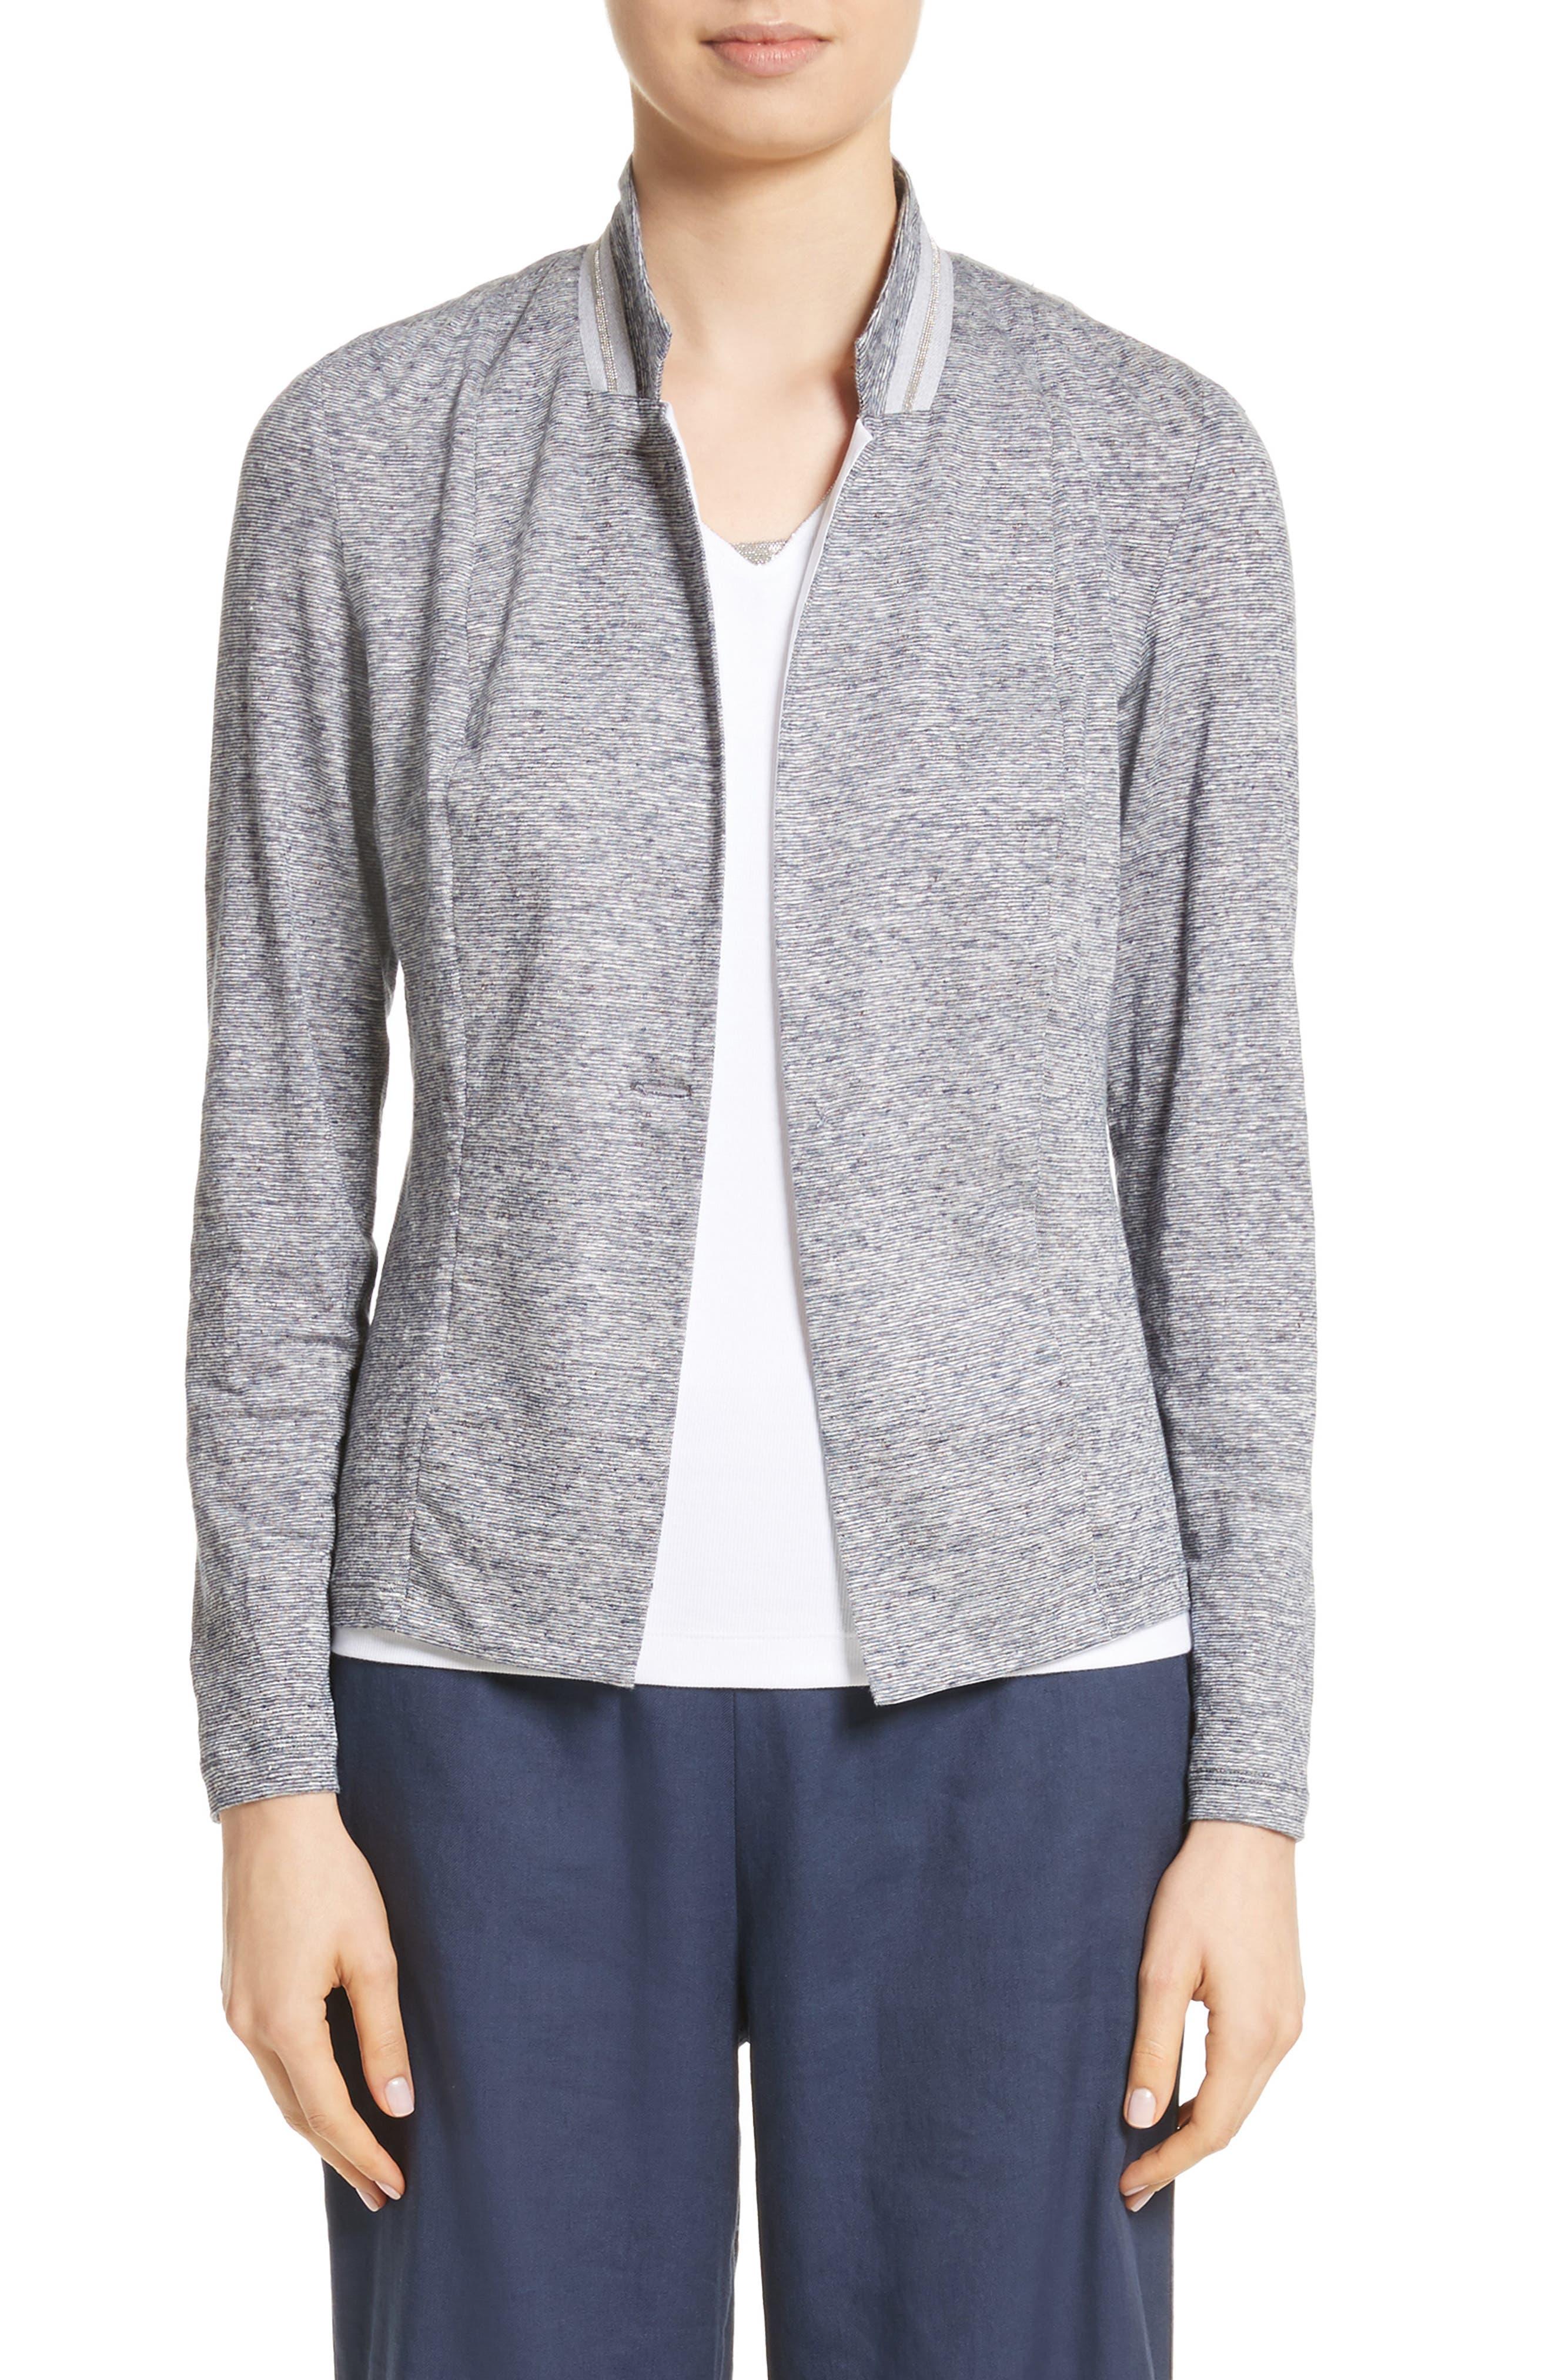 Fabiana Filippi Grosgrain Stripe Jersey Jacket